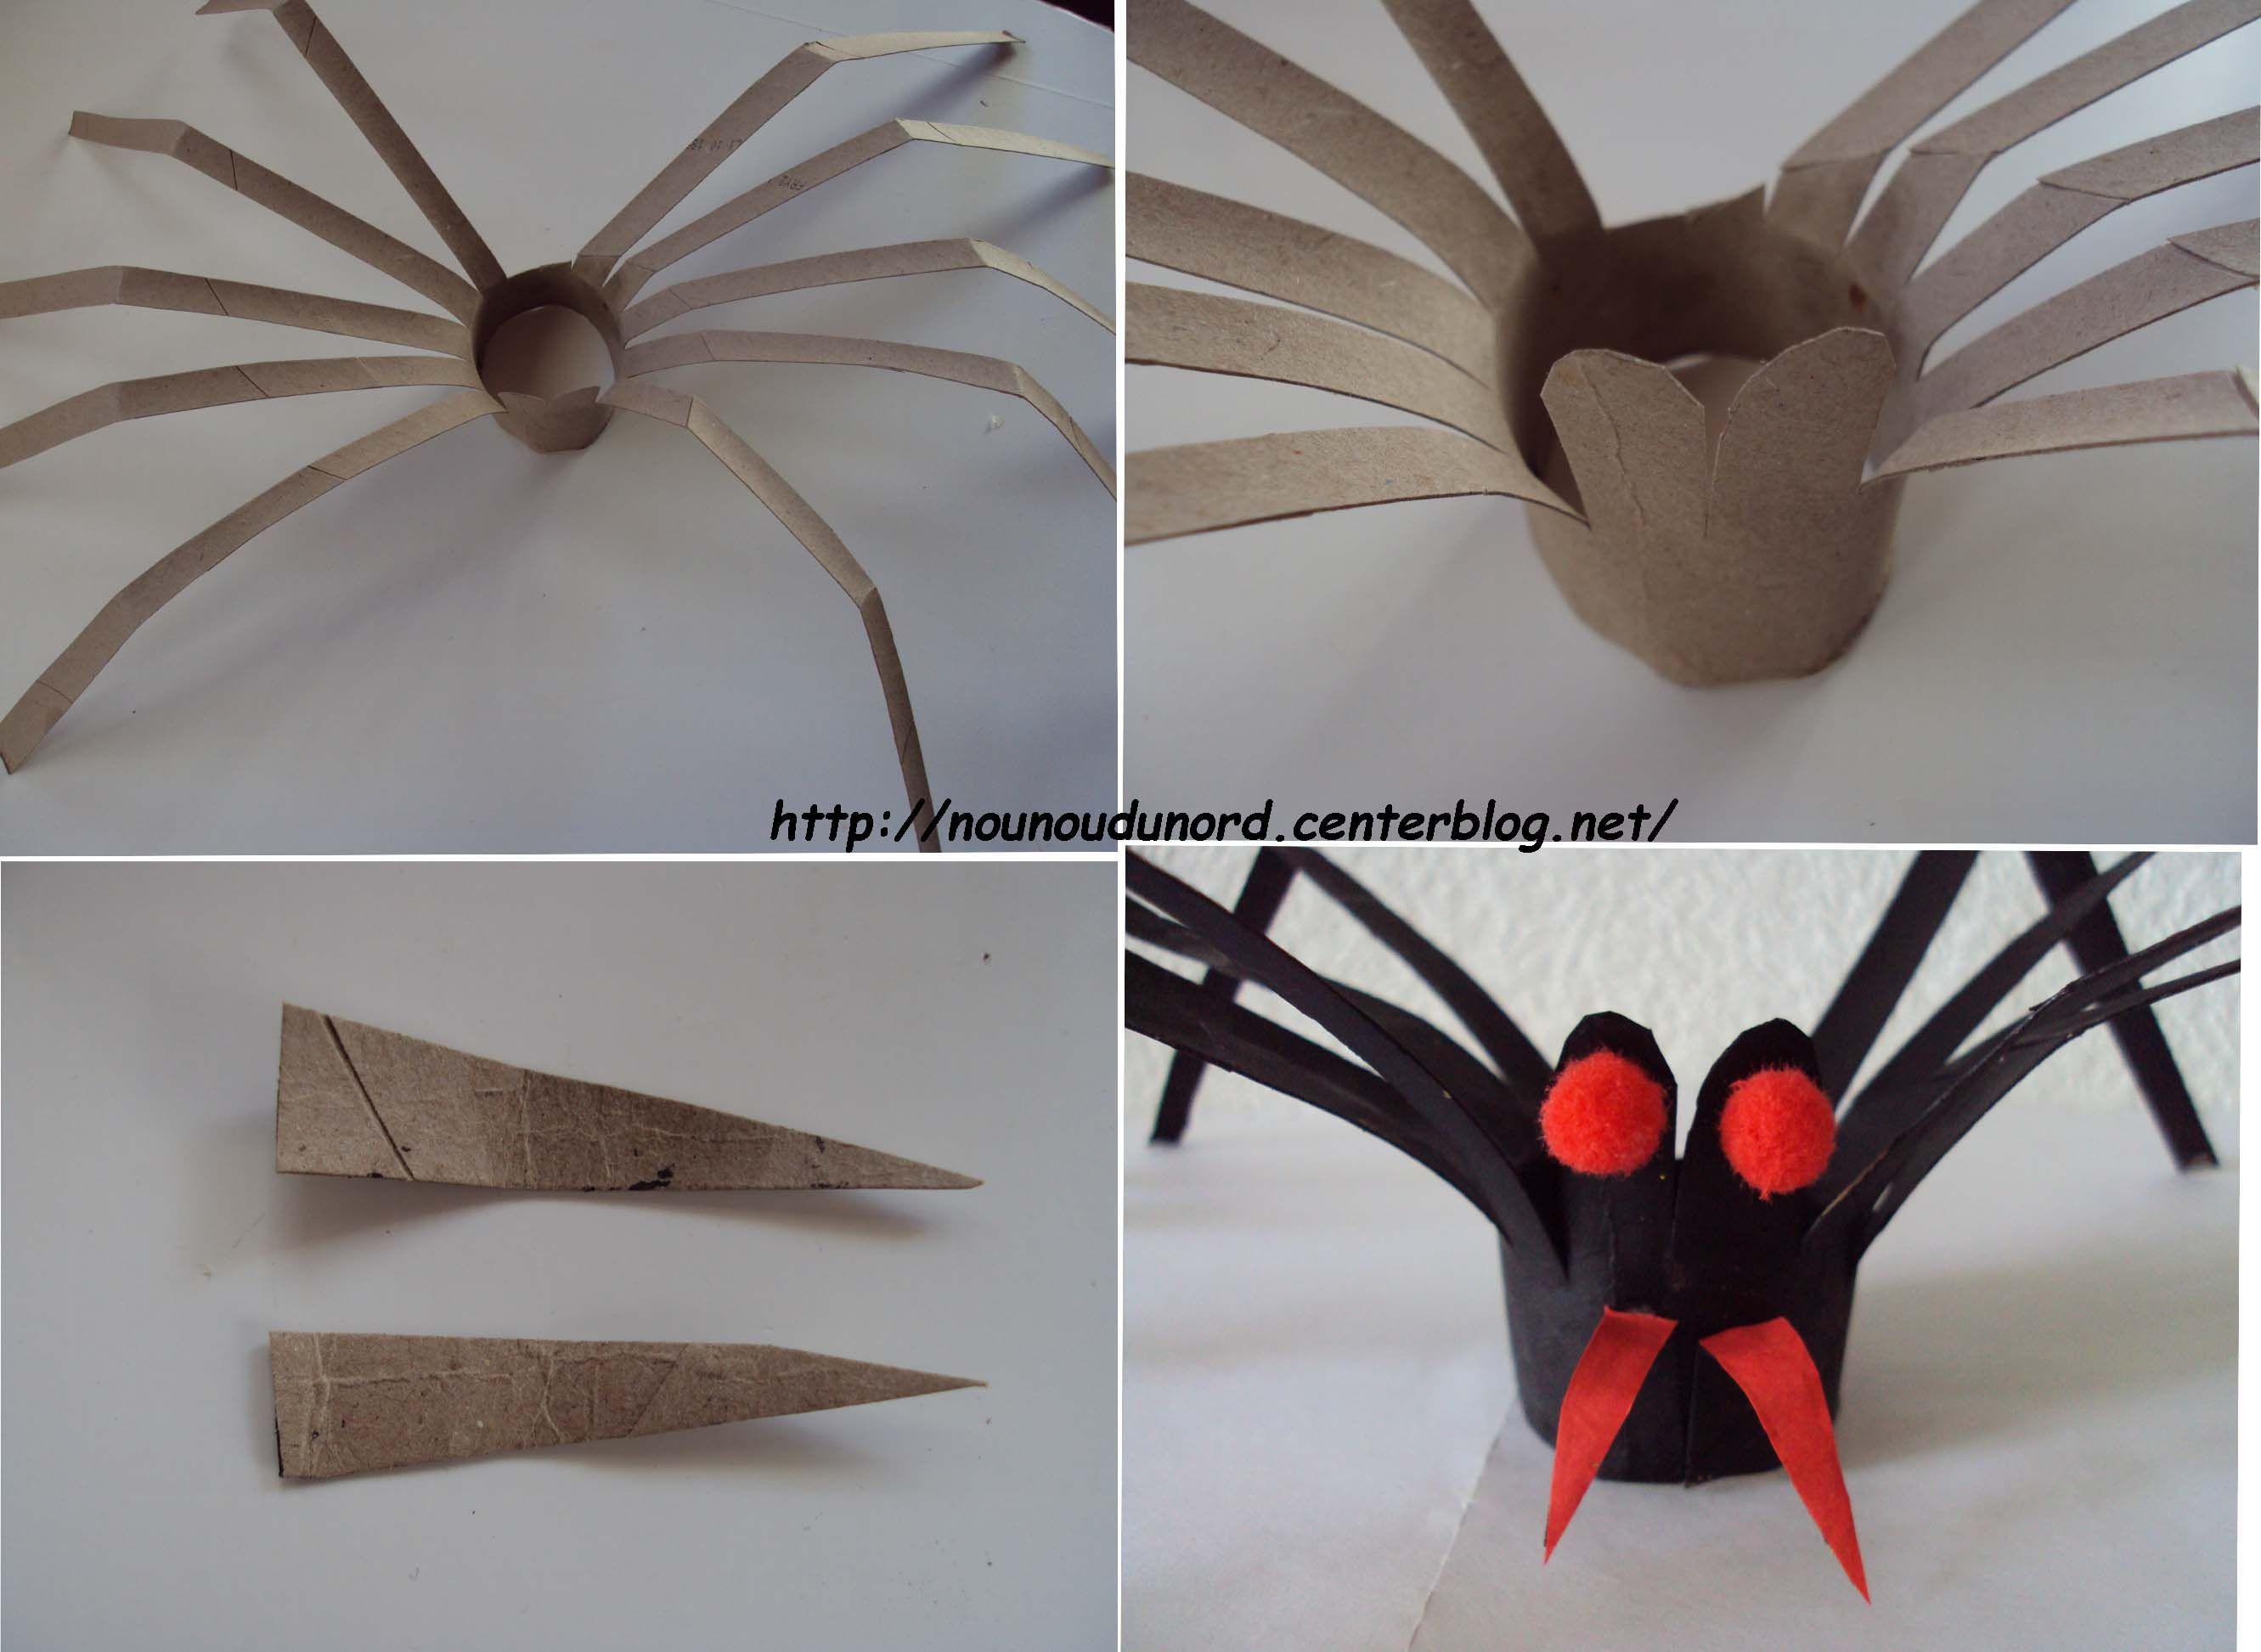 L 39 araign e r alis e avec un rouleau de sopalin 2010 - Creation avec rouleau papier toilette ...